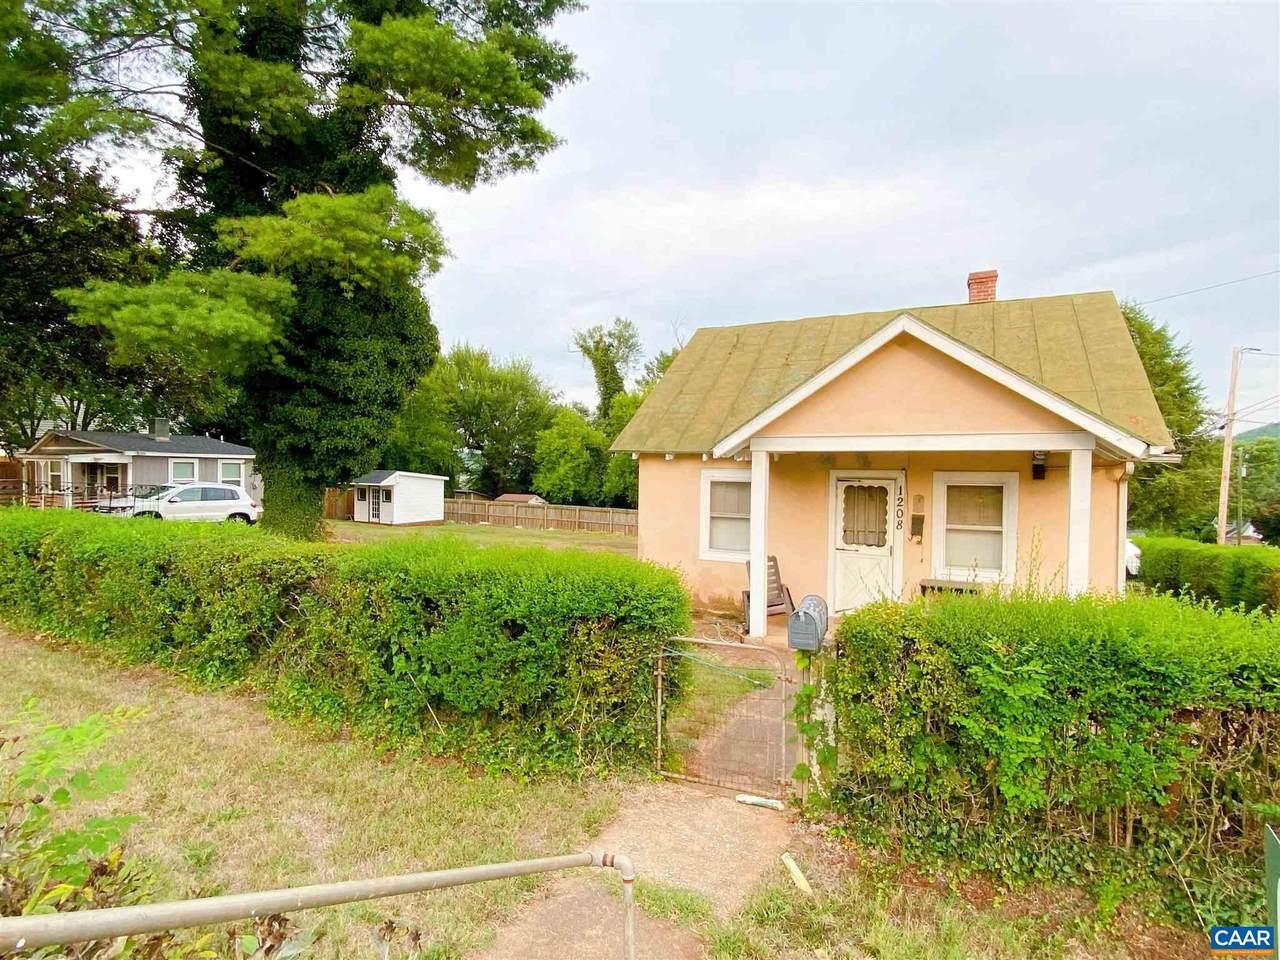 1206 & 1208 Monticello Ave - Photo 1